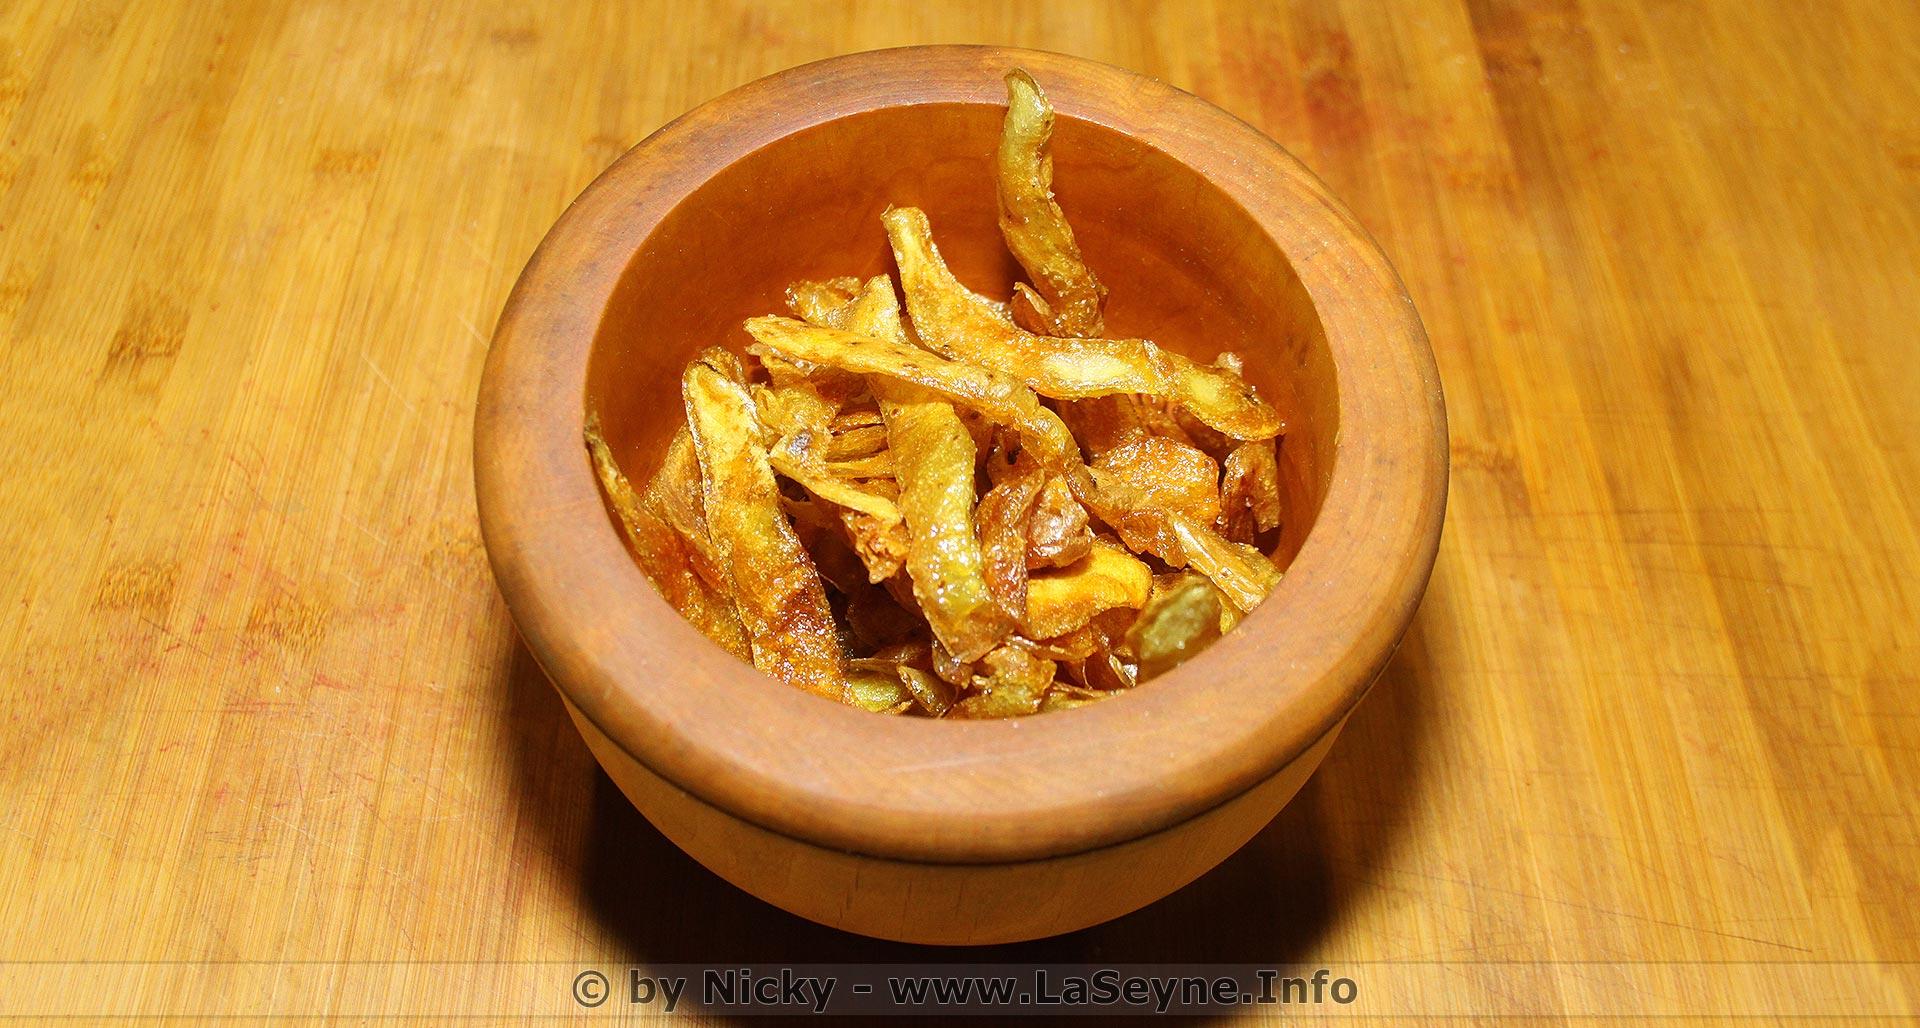 Laseyne Info Des Chips De Competition Fait Maison A Base D Epluchures De Patates